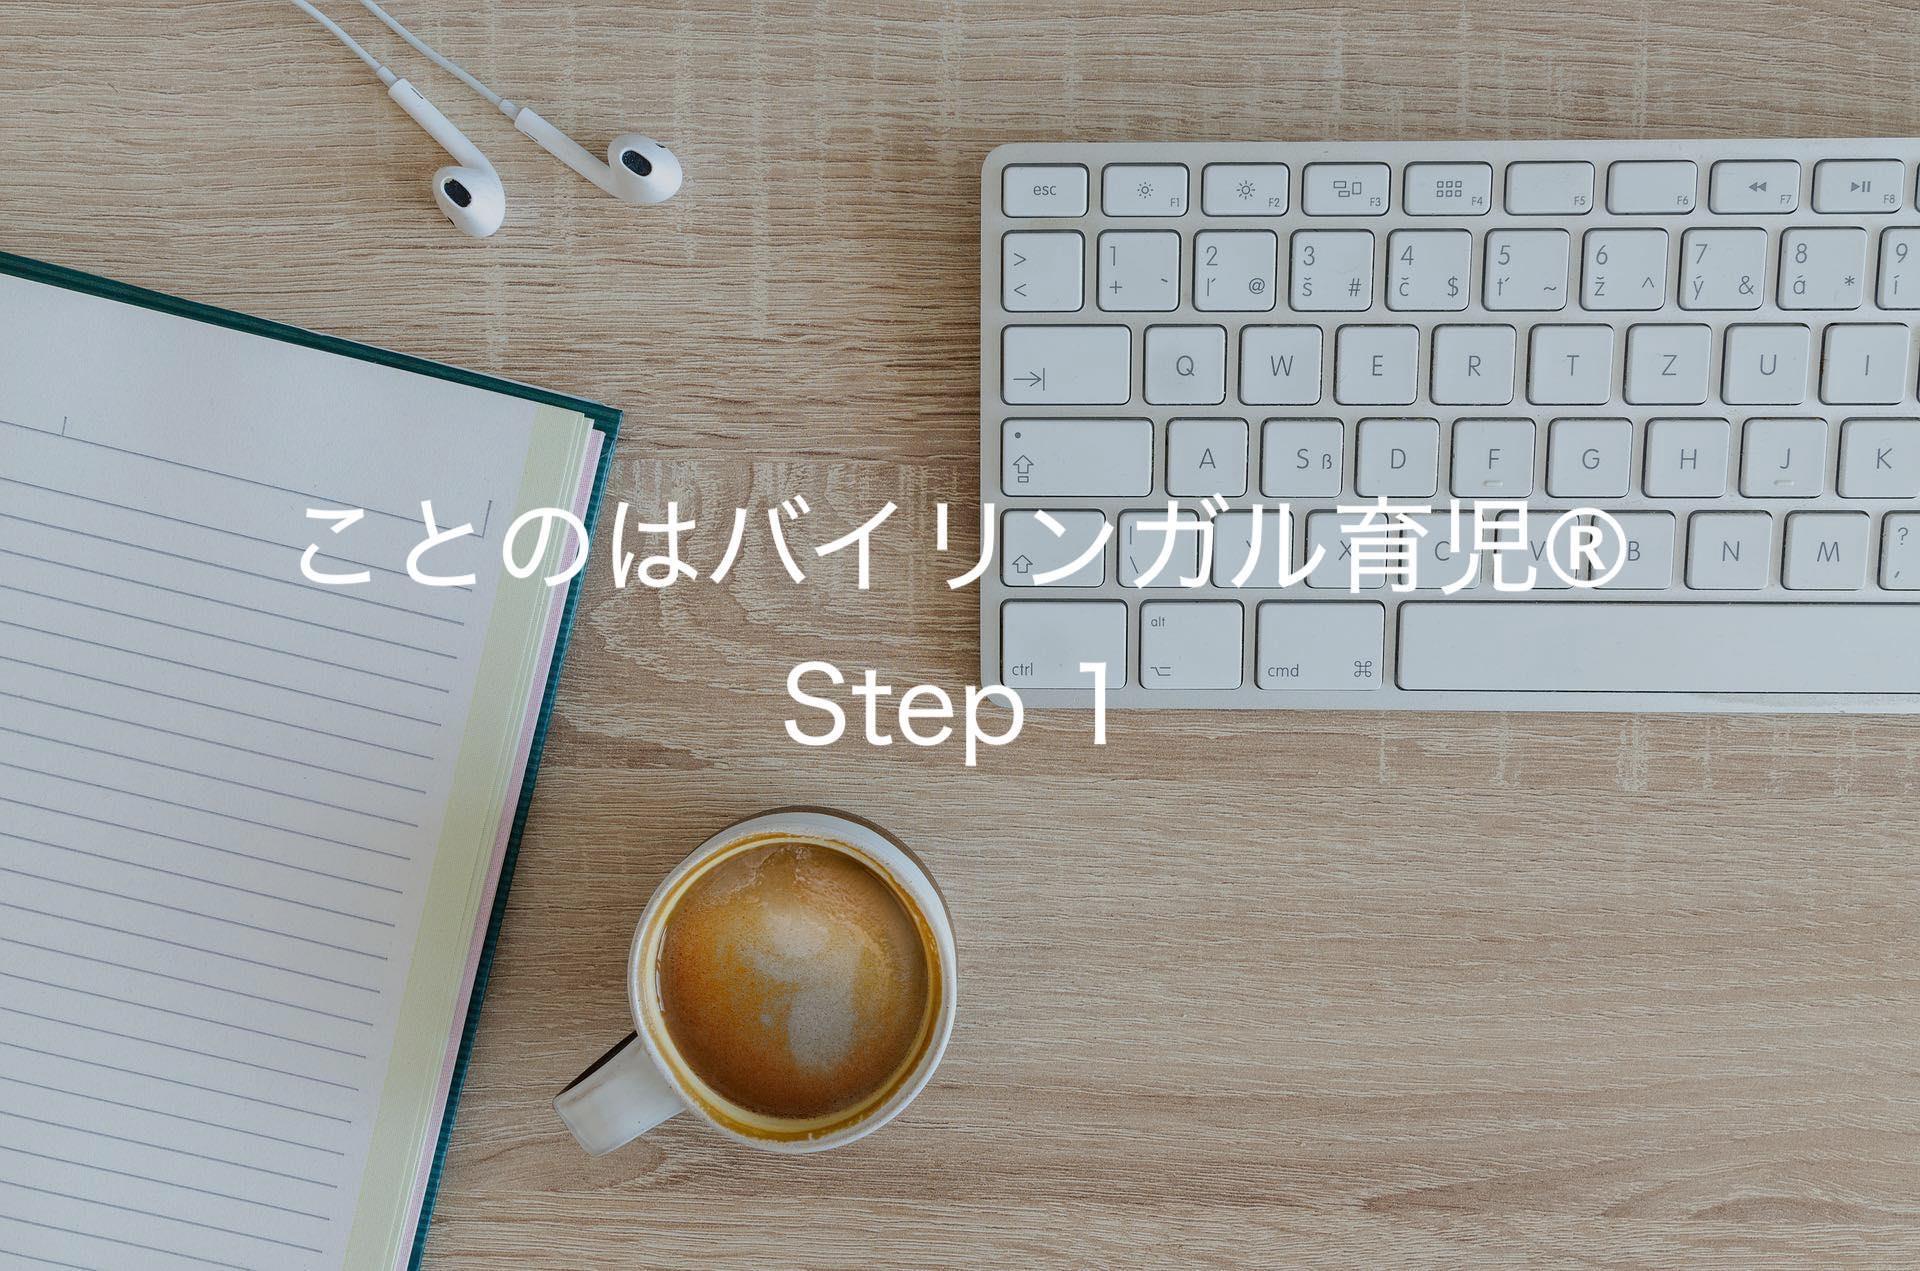 【次回、5/1募集開始】ことのはバイリンガル育児®︎基本の話・オンライン動画Step1